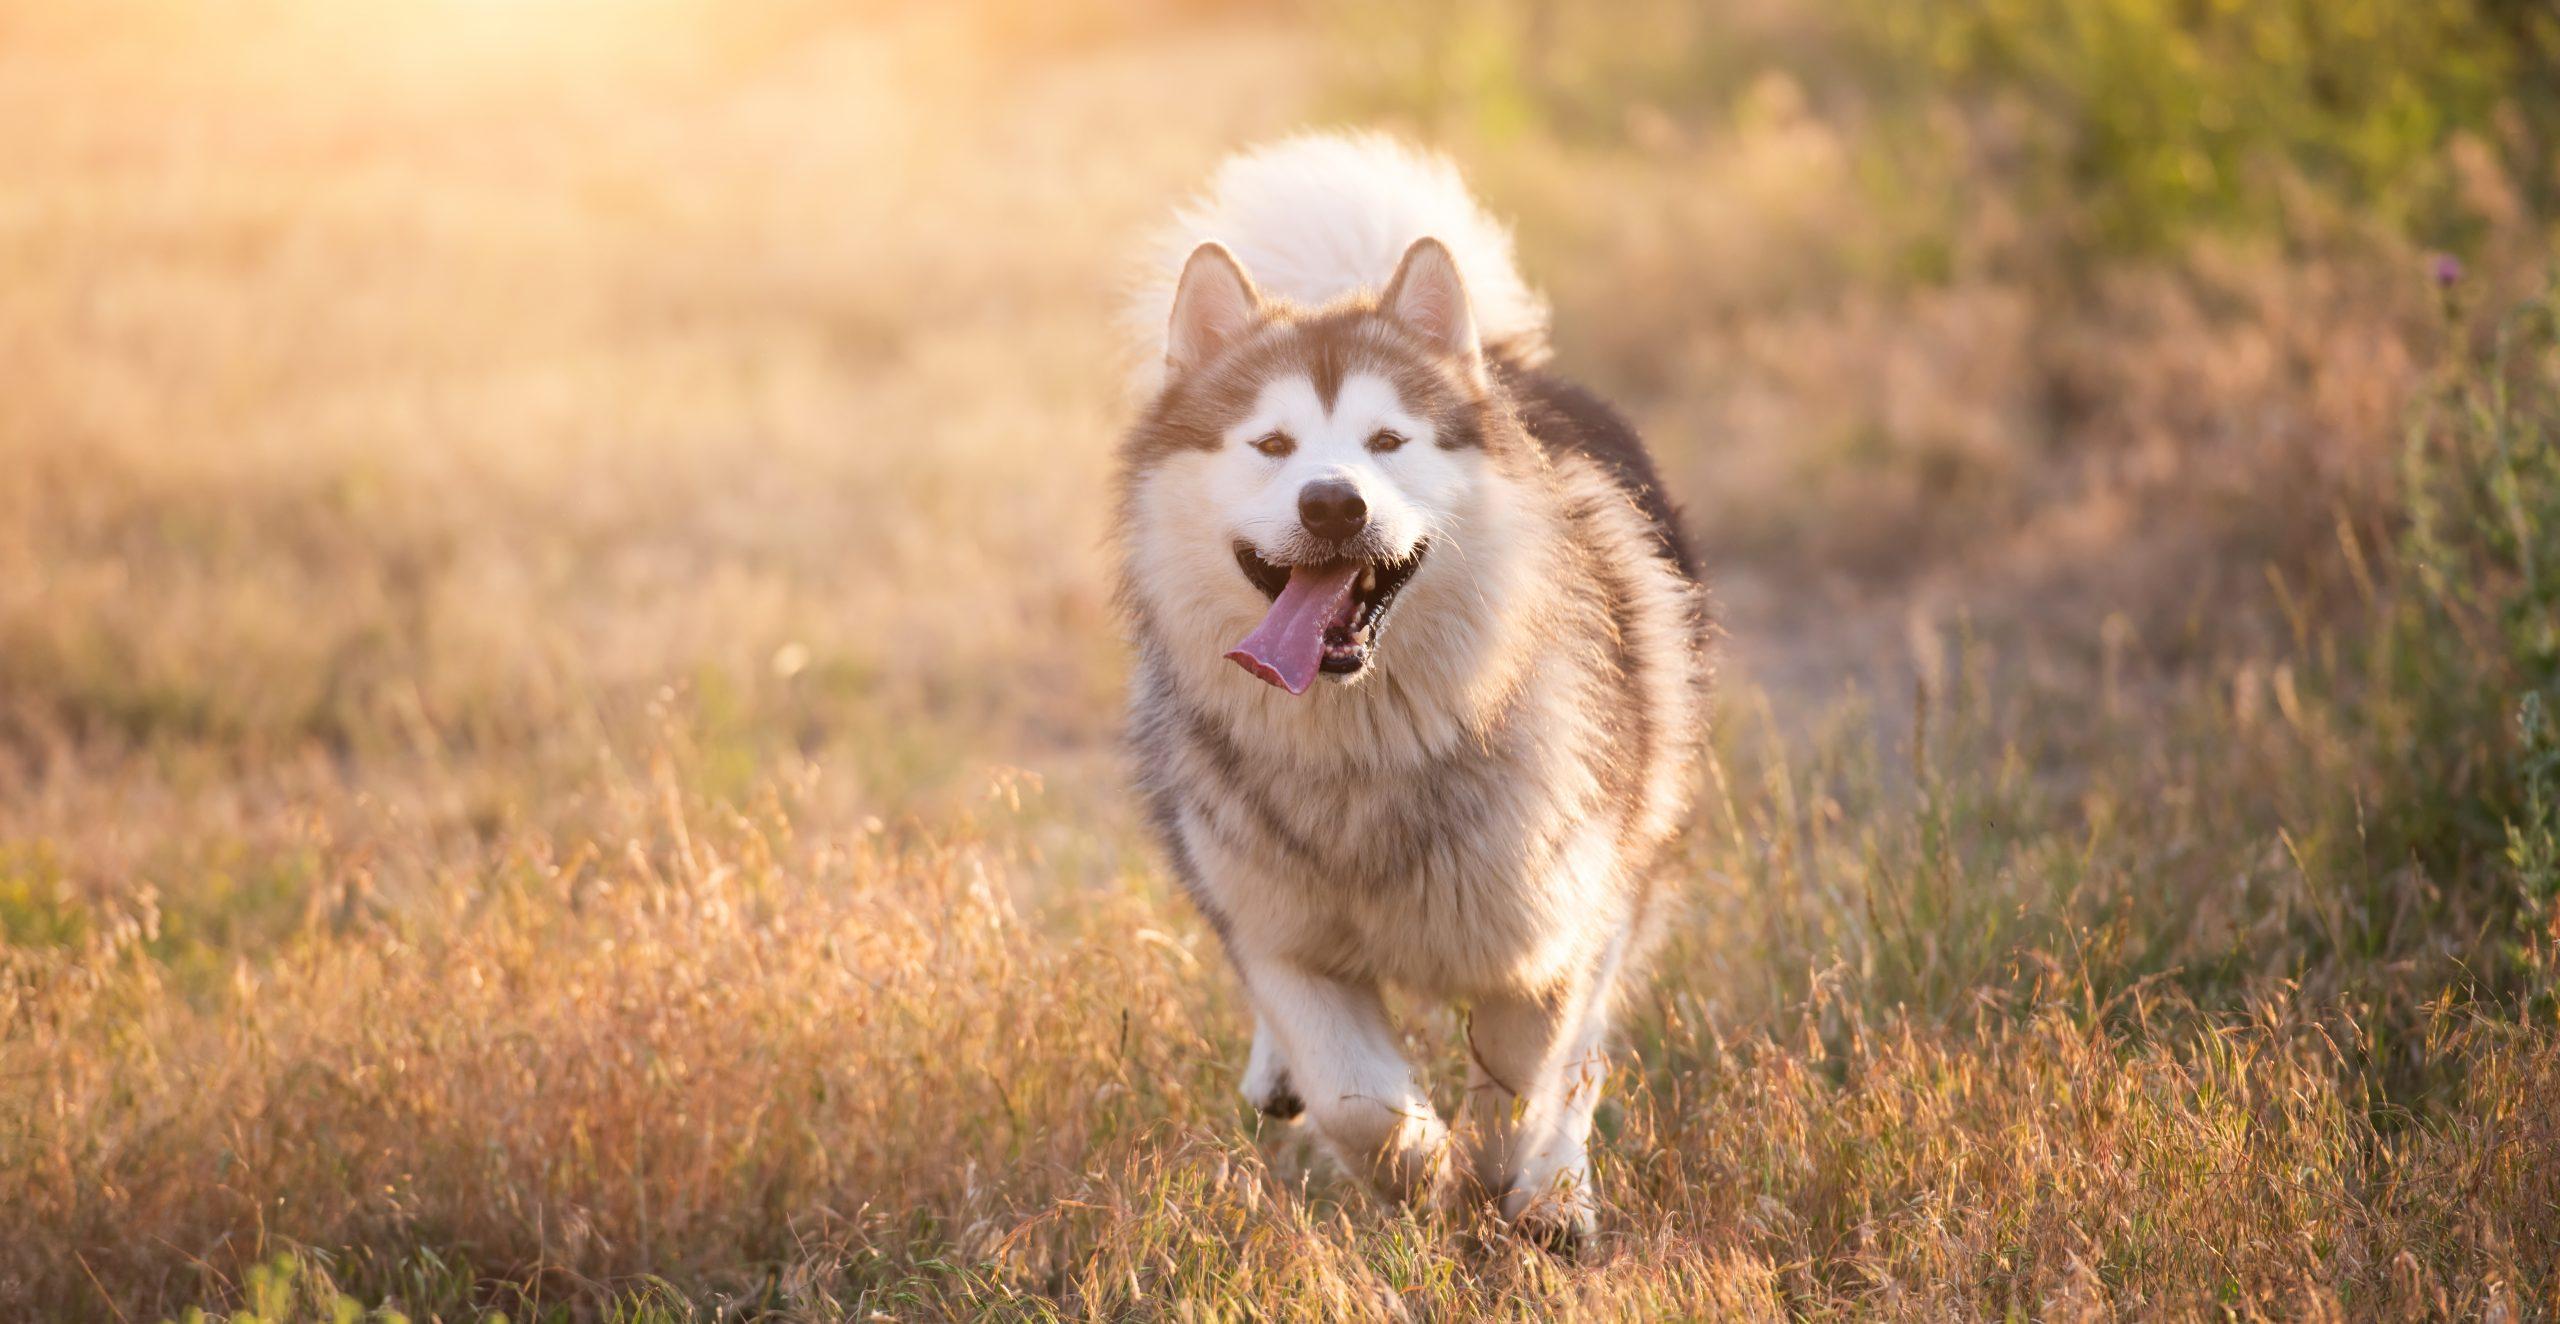 wyprowadzanie psa bez smyczy - pies